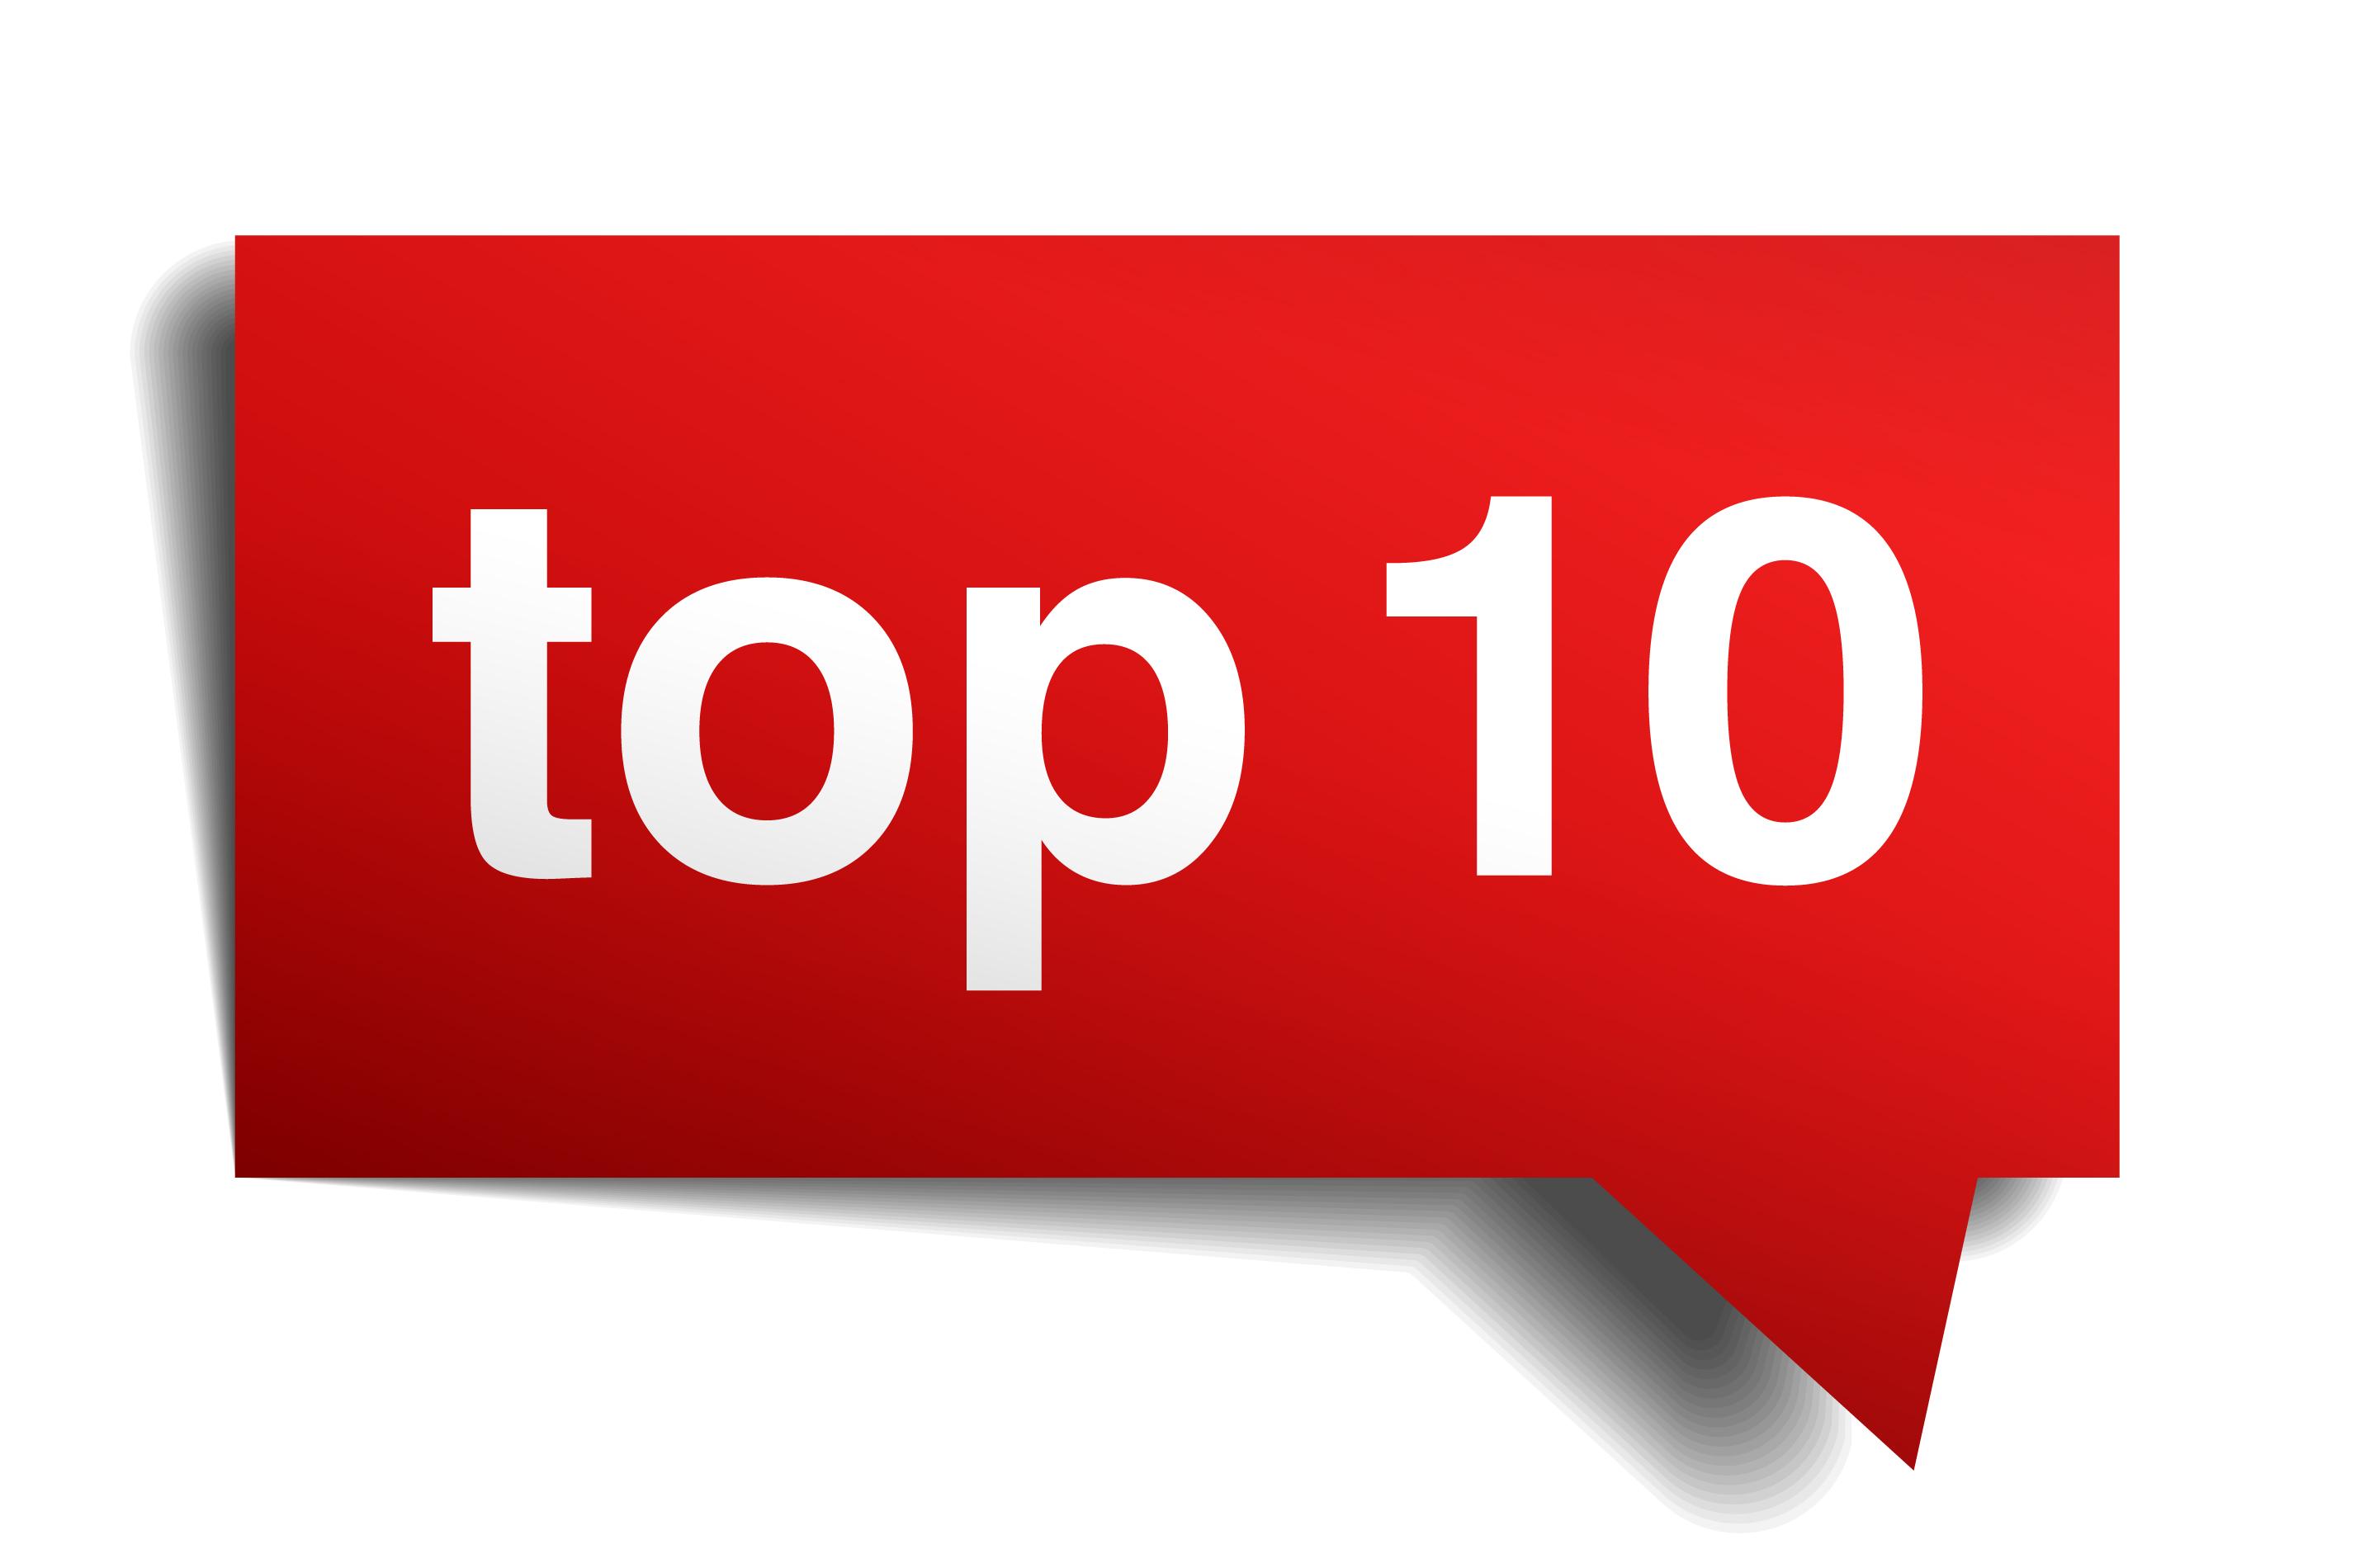 Десятка найцікавіших статей про діджитал-маркетинг за 2015